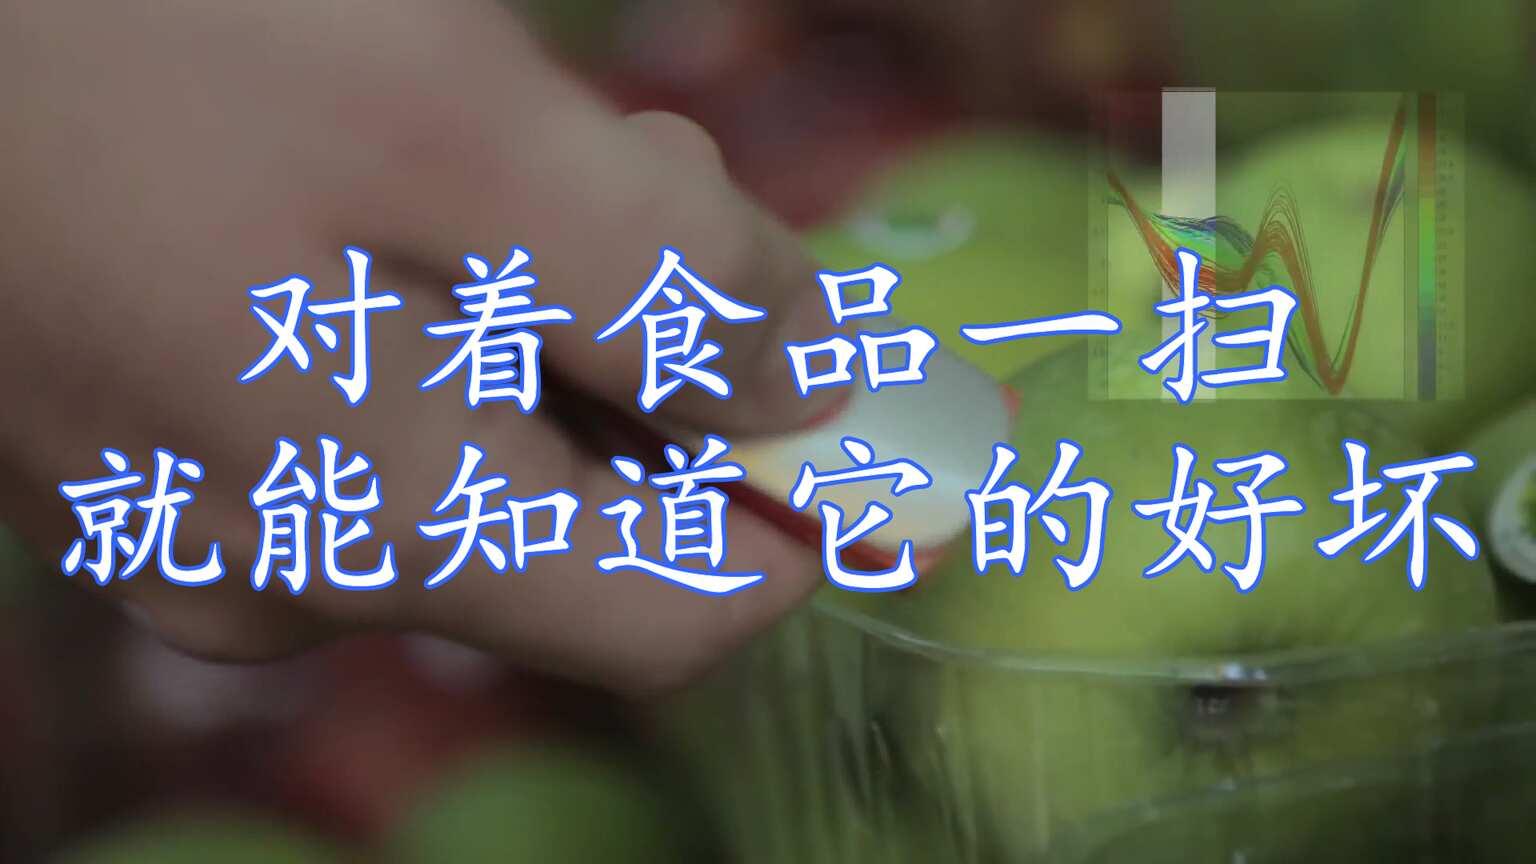 对着食品扫一扫,就能清楚知道它的成分与好坏,以后买蔬果都不愁了